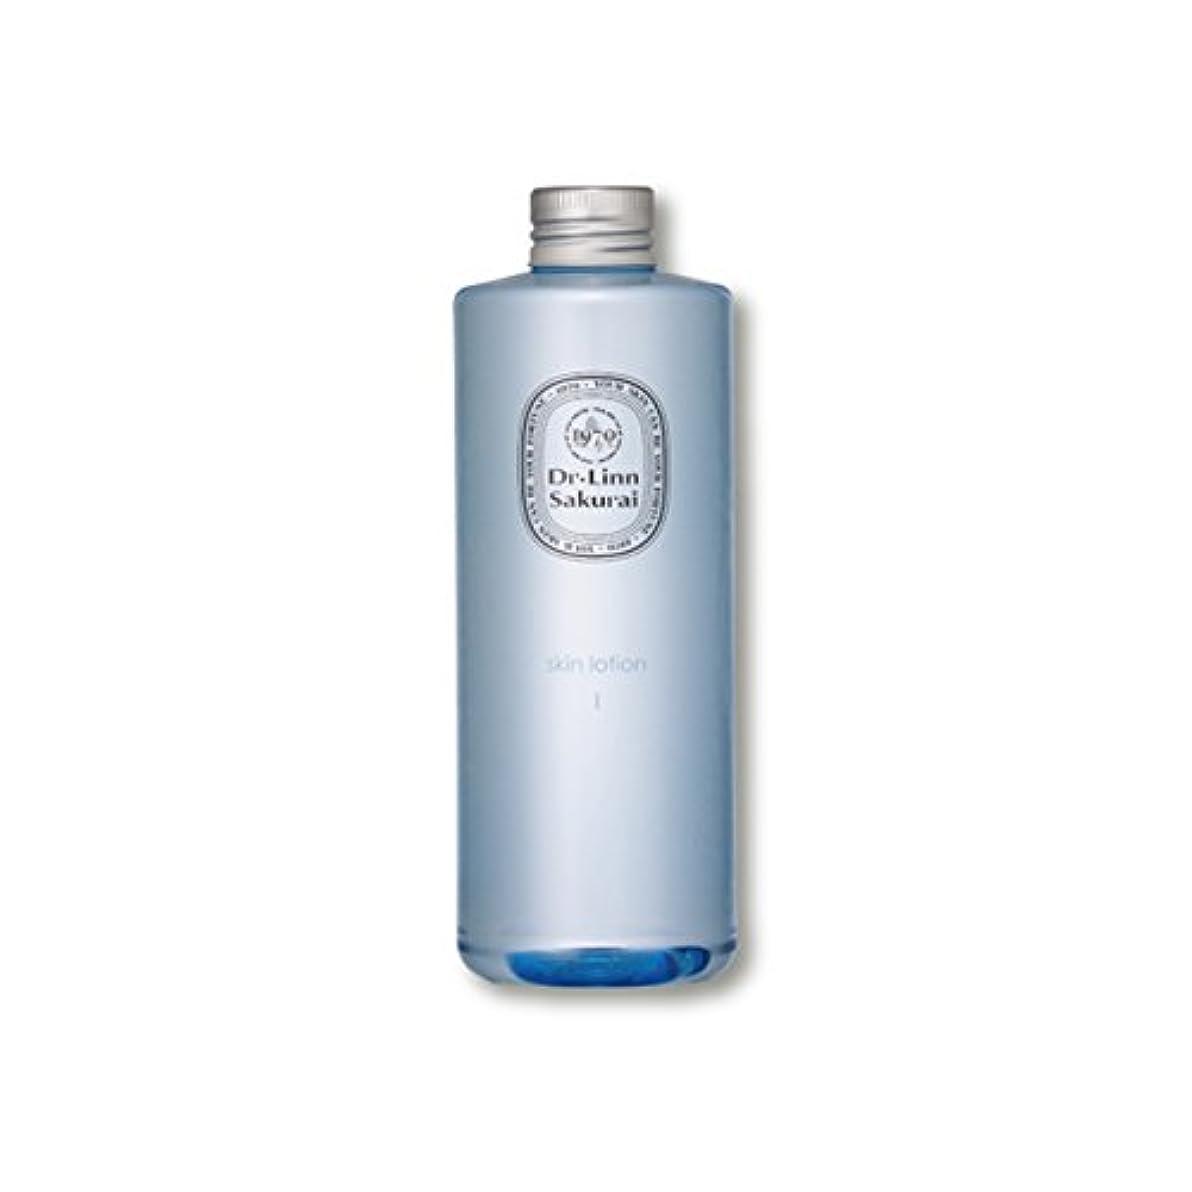 従順な評価ゆりかごドクターリンサクライ スキンローションI さっぱりタイプ 300ml  (化粧水)